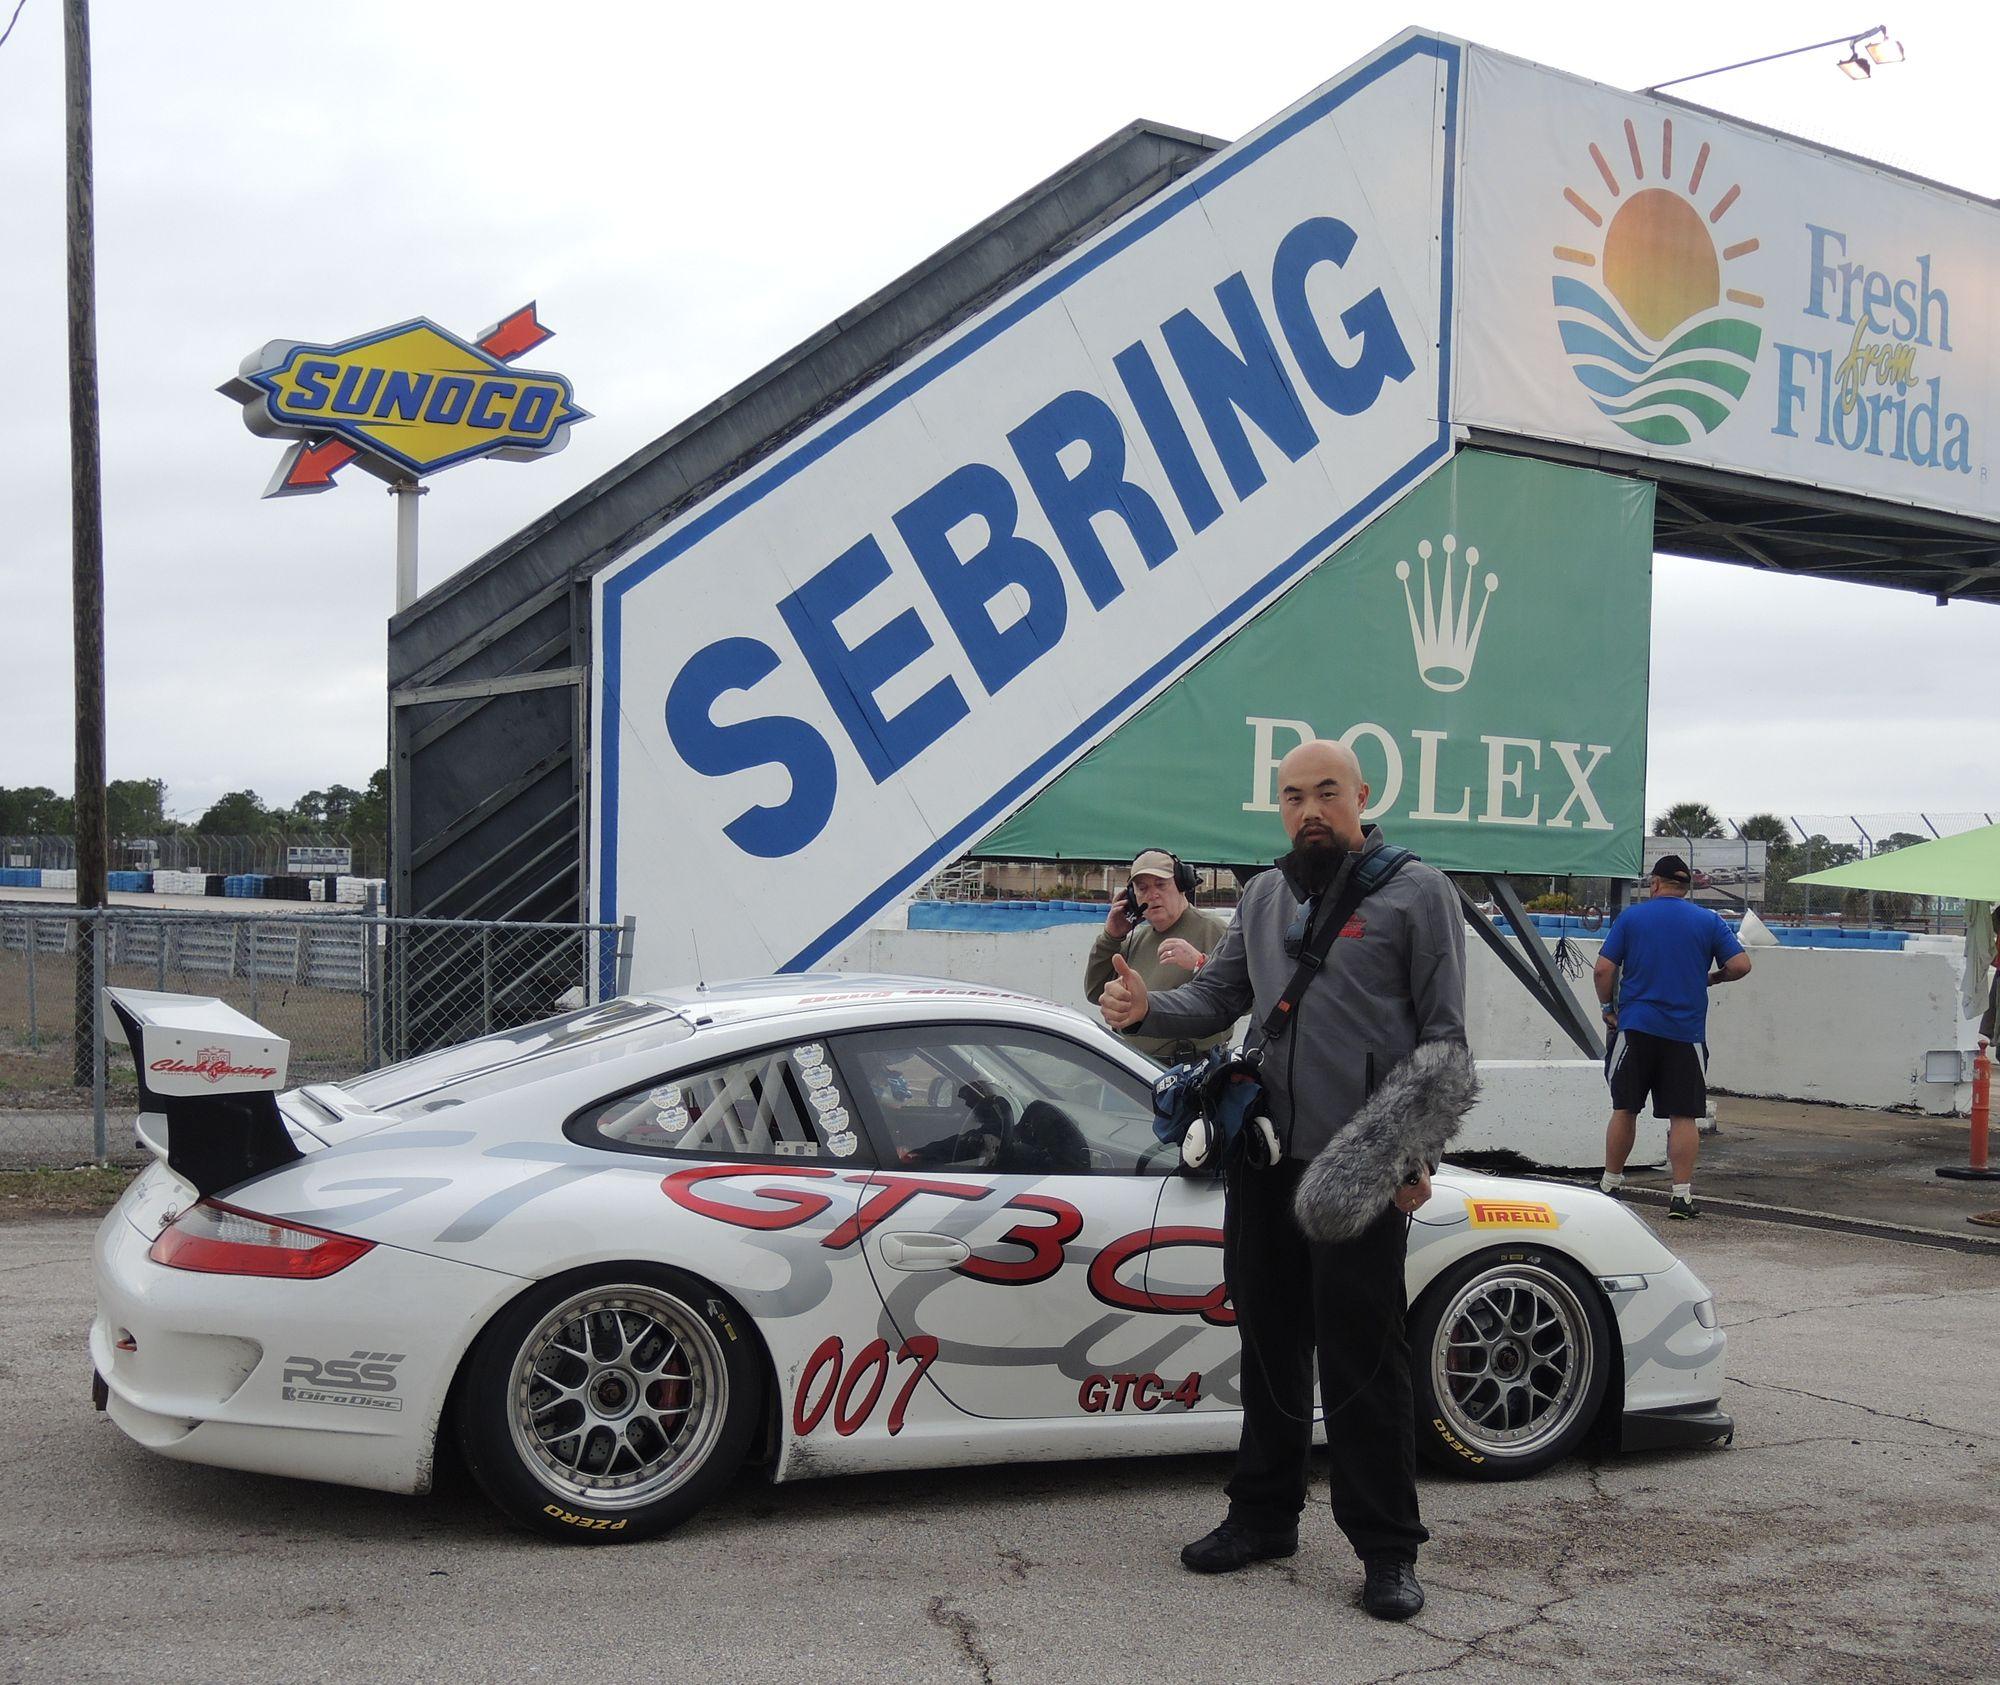 DSCN6575 Watson & Porsche Race Car cropped resized.jpg